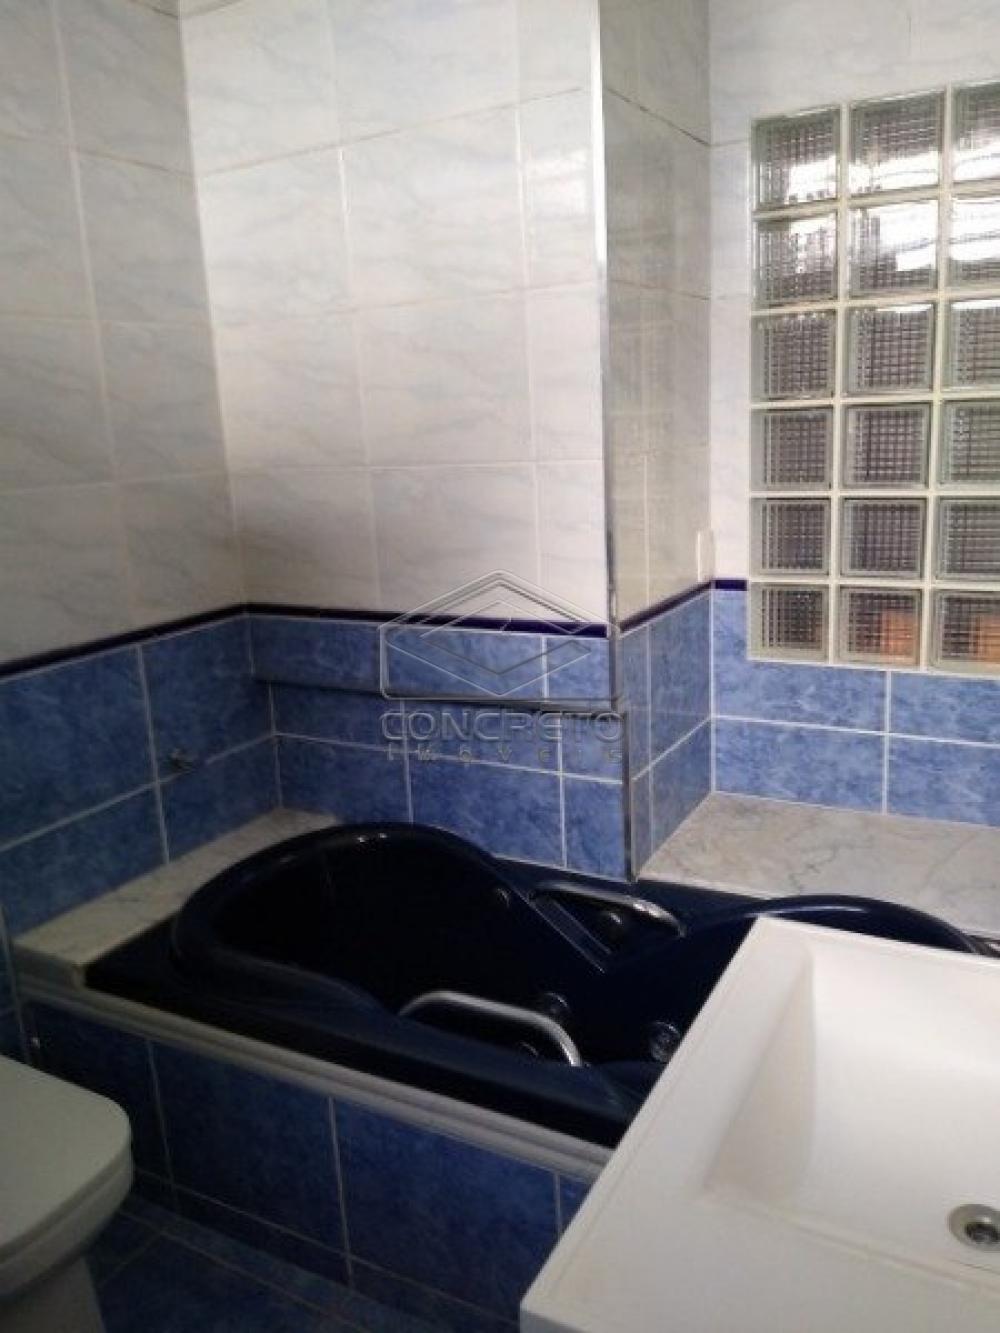 Comprar Casa / Padrão em Jau R$ 750.000,00 - Foto 12